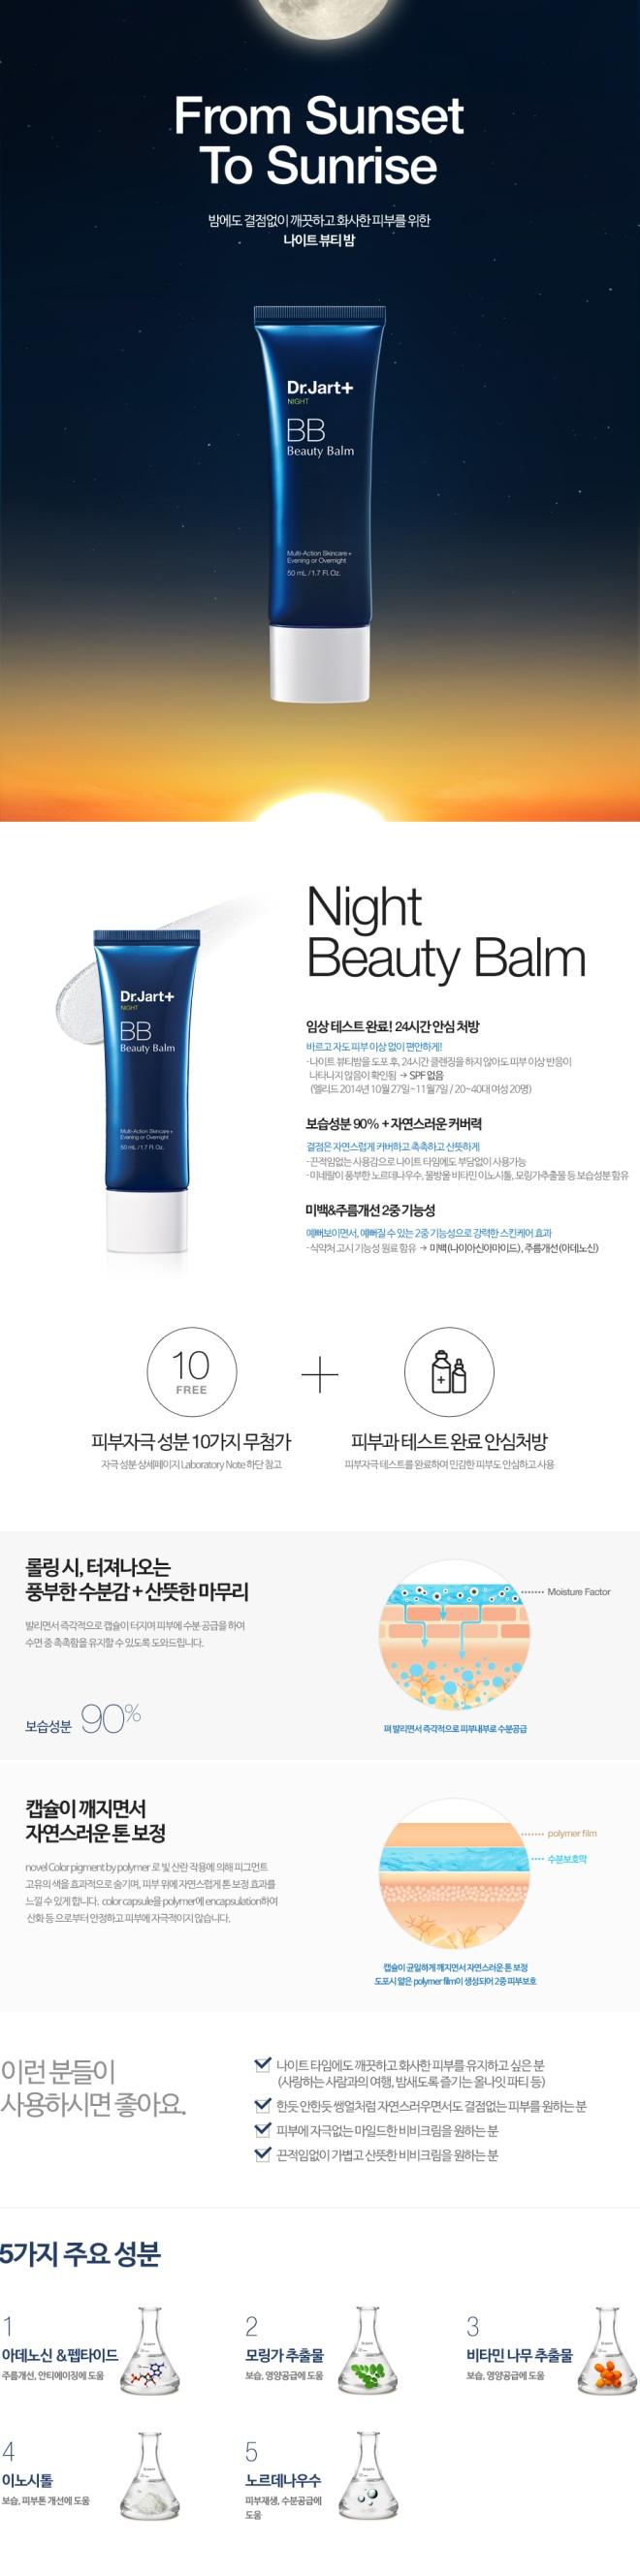 Credit: Dr.Jart+ Korea website